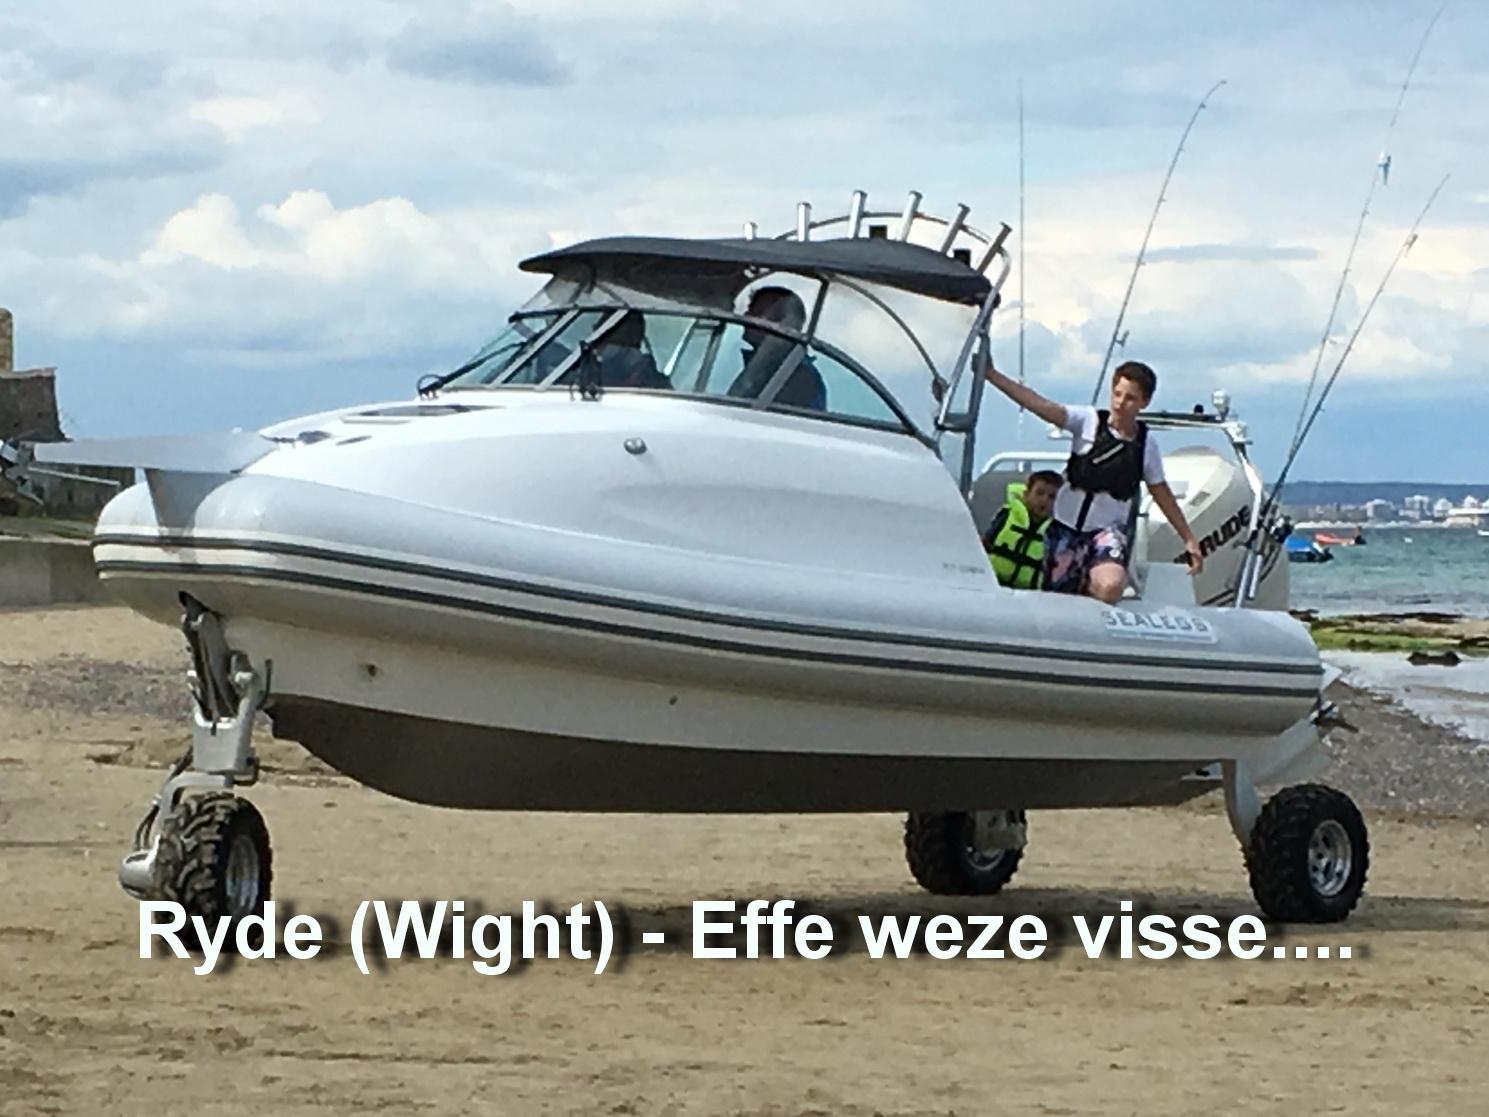 Ryde - Effe weze visse